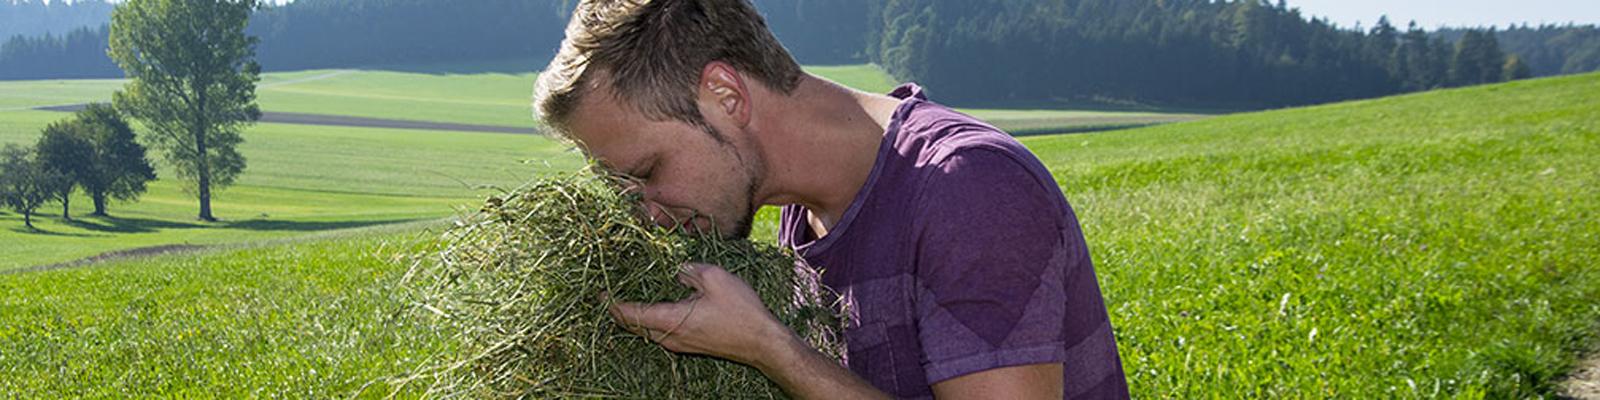 Florian Gollob riecht an einer Handvoll Heu